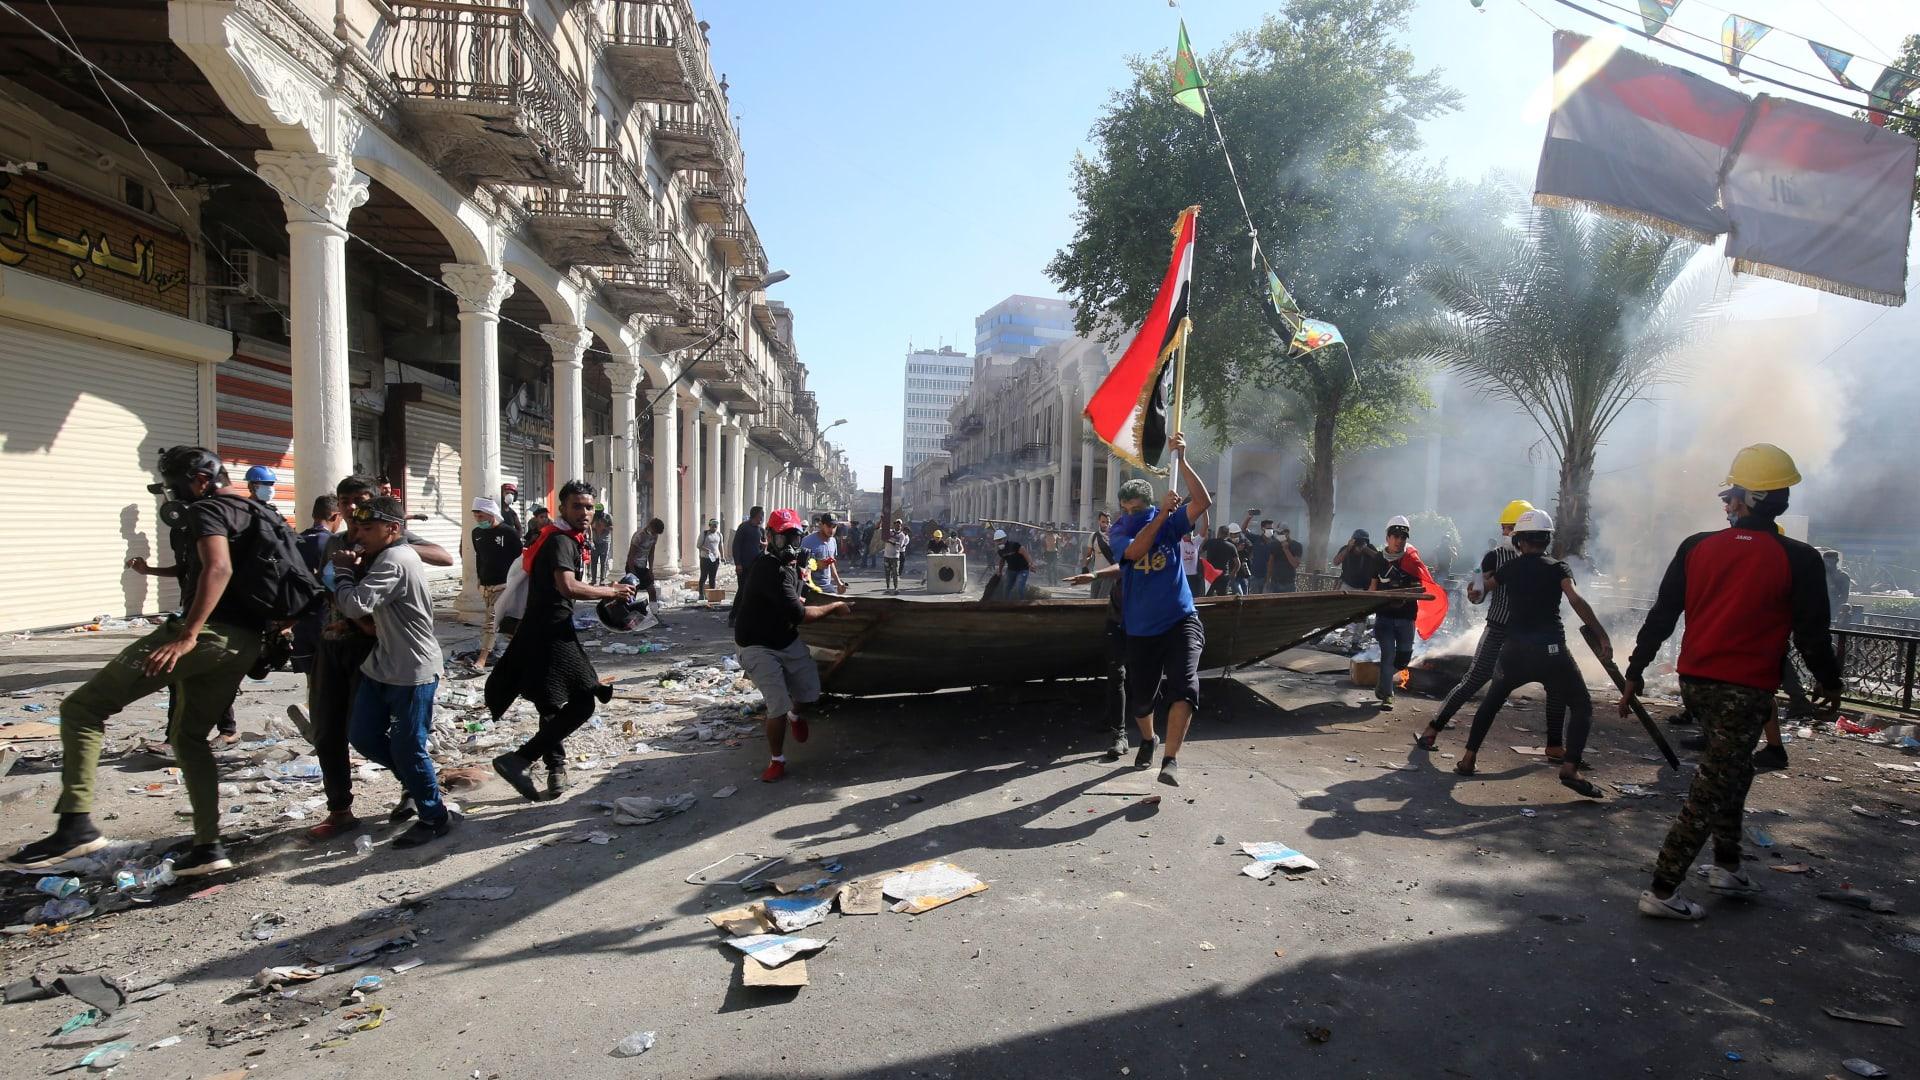 كيف ينظر المتظاهرون العراقيون لوعود الحكومة؟